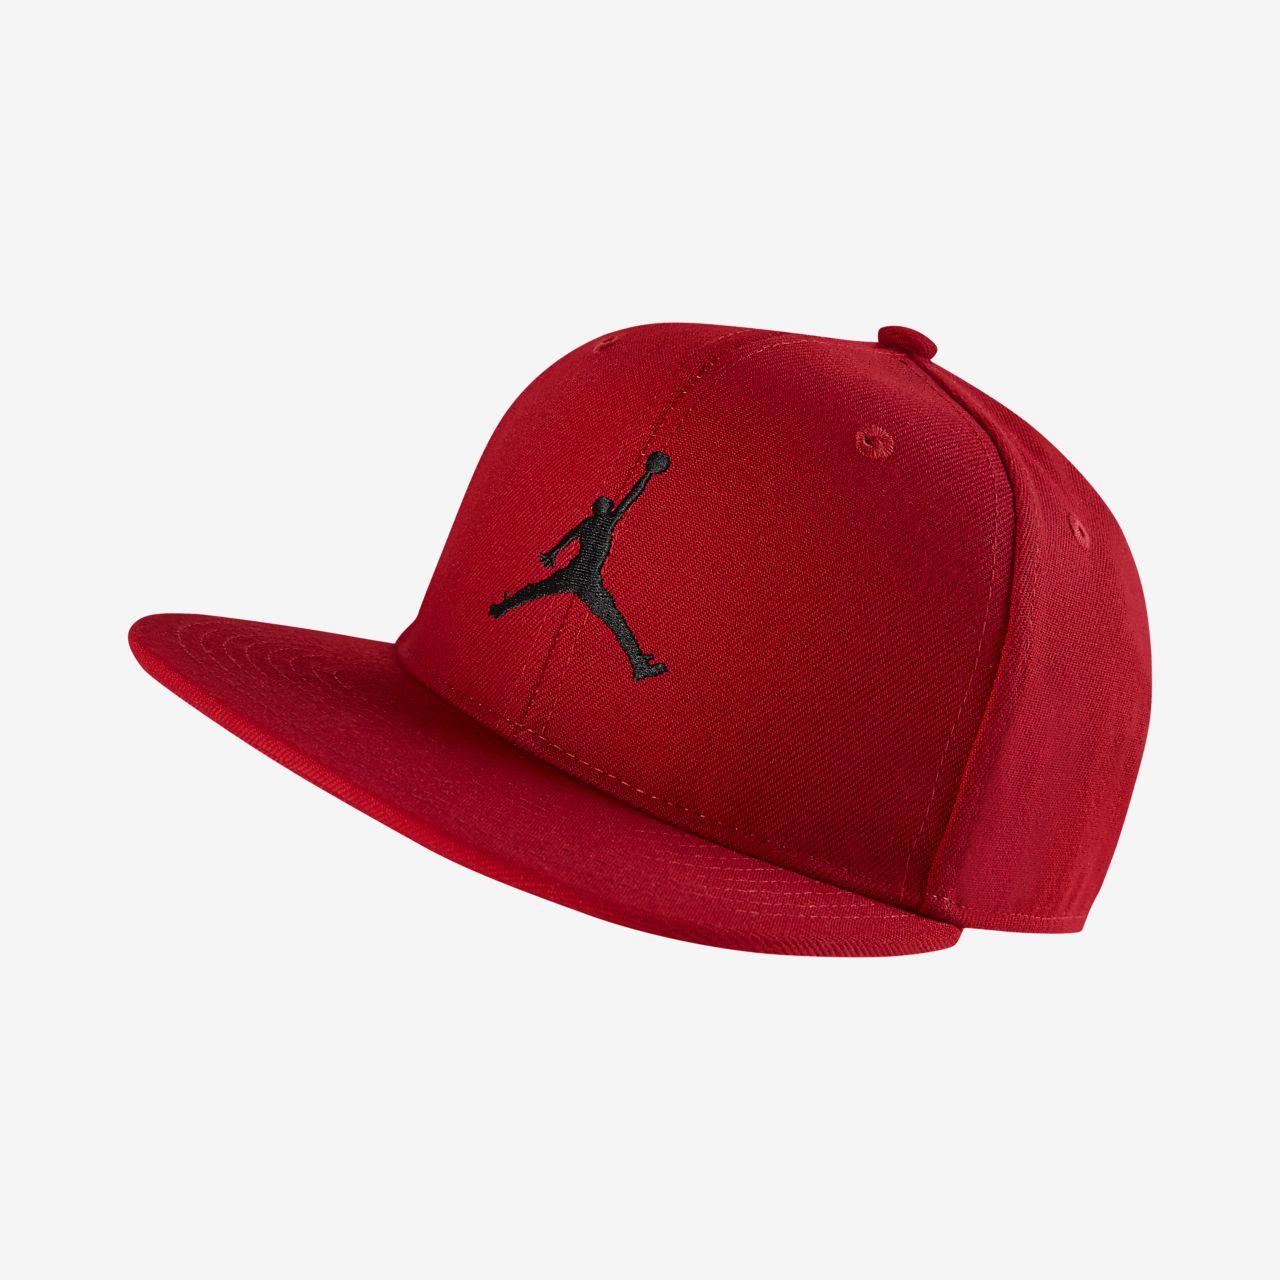 e5253d4e27be7 Casquette réglable Jordan Jumpman pour Enfant. Nike.com FR